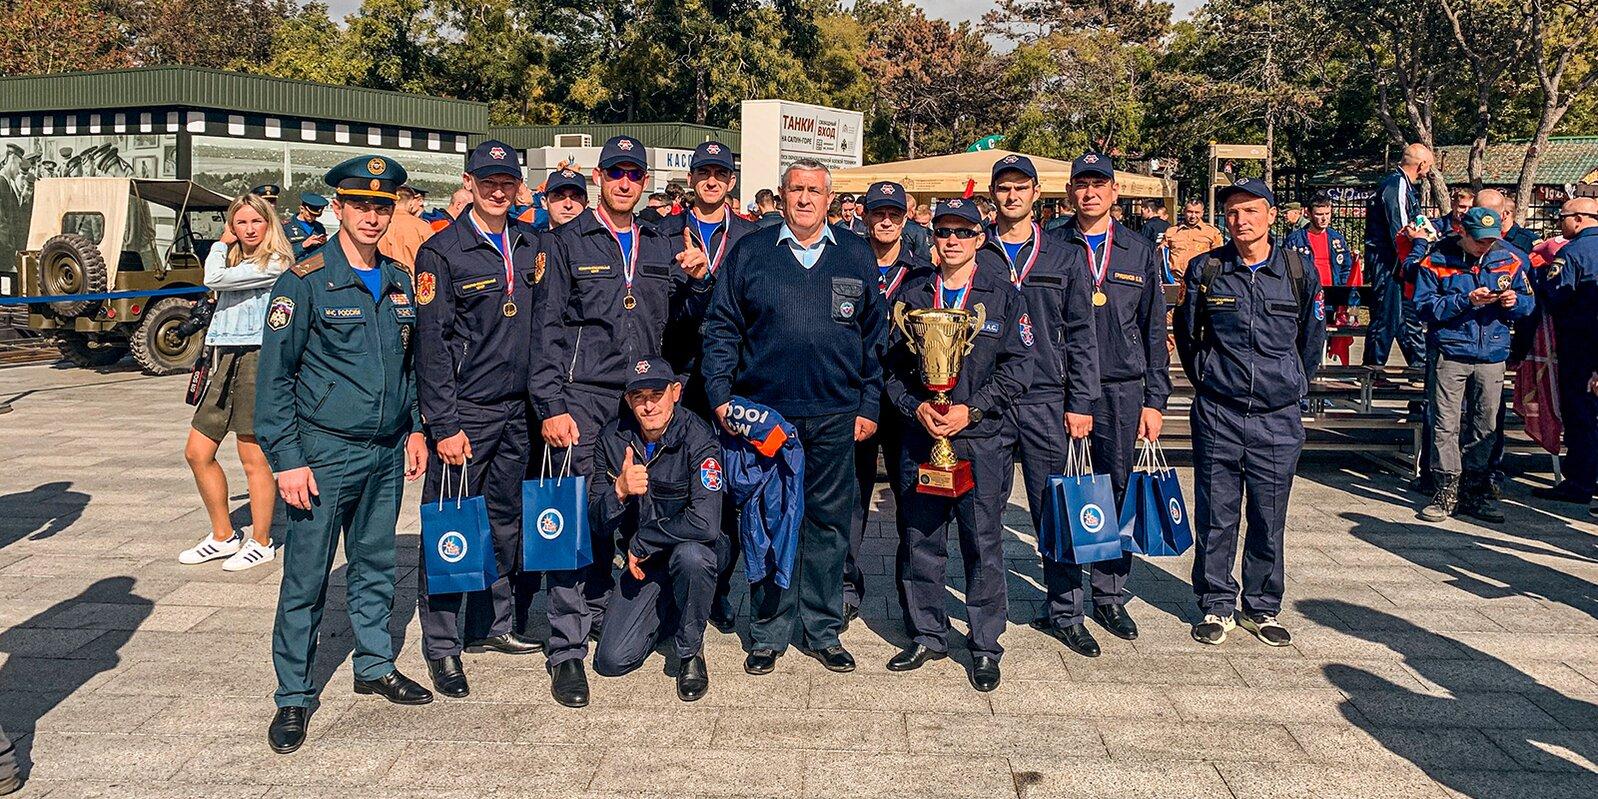 Сборная Москвы стала лучшей на XVIII Чемпионате по многоборью спасателей